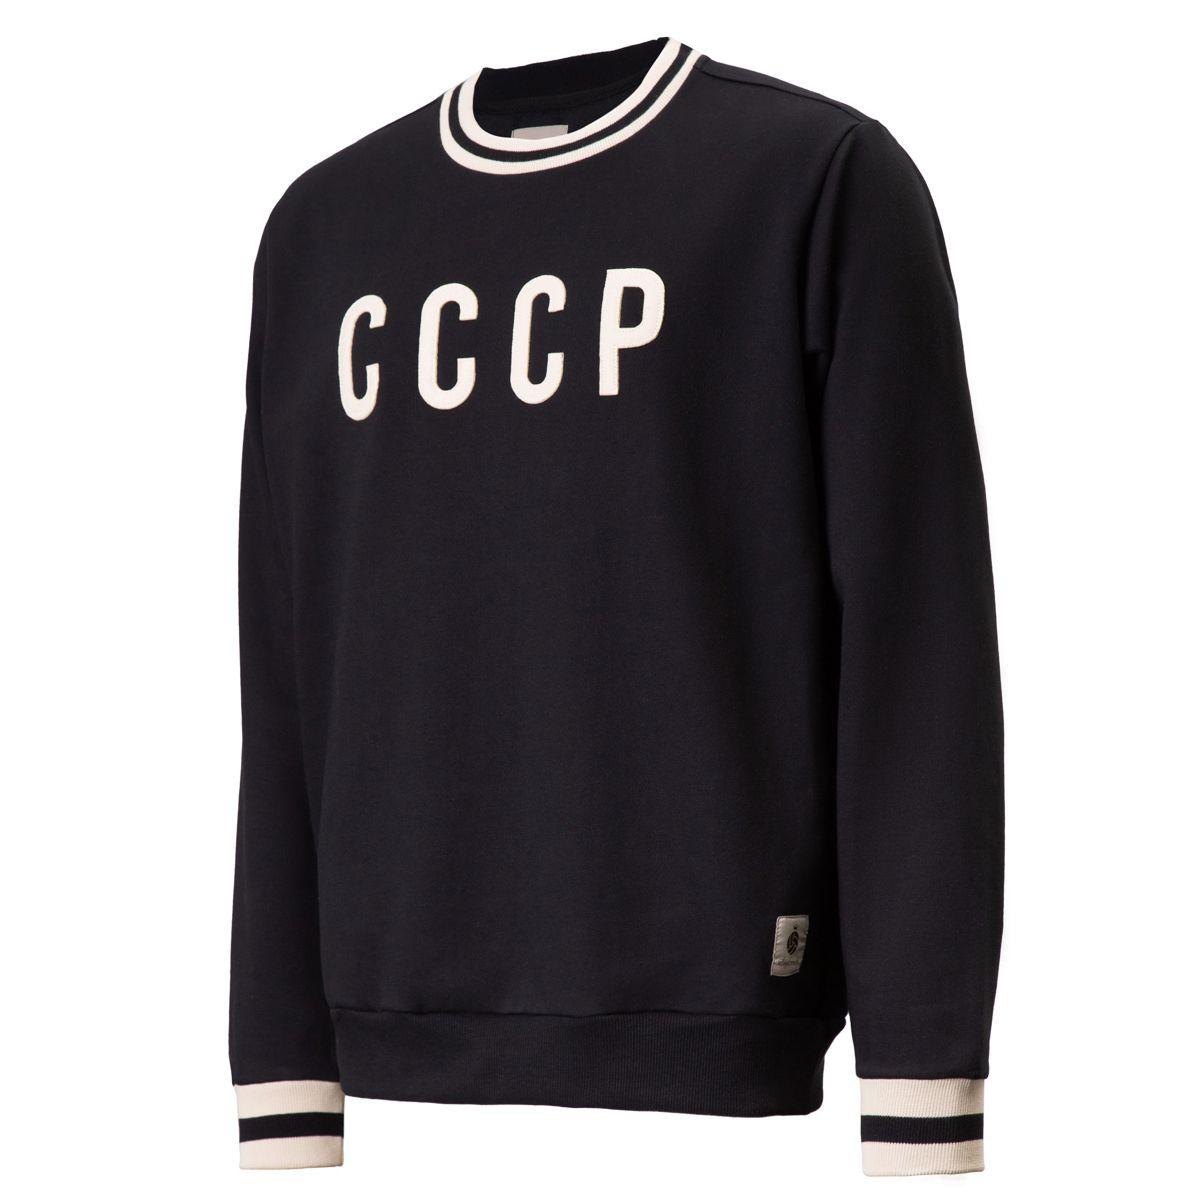 Moletom CCCP Retrô União Soviética Preto Masculino